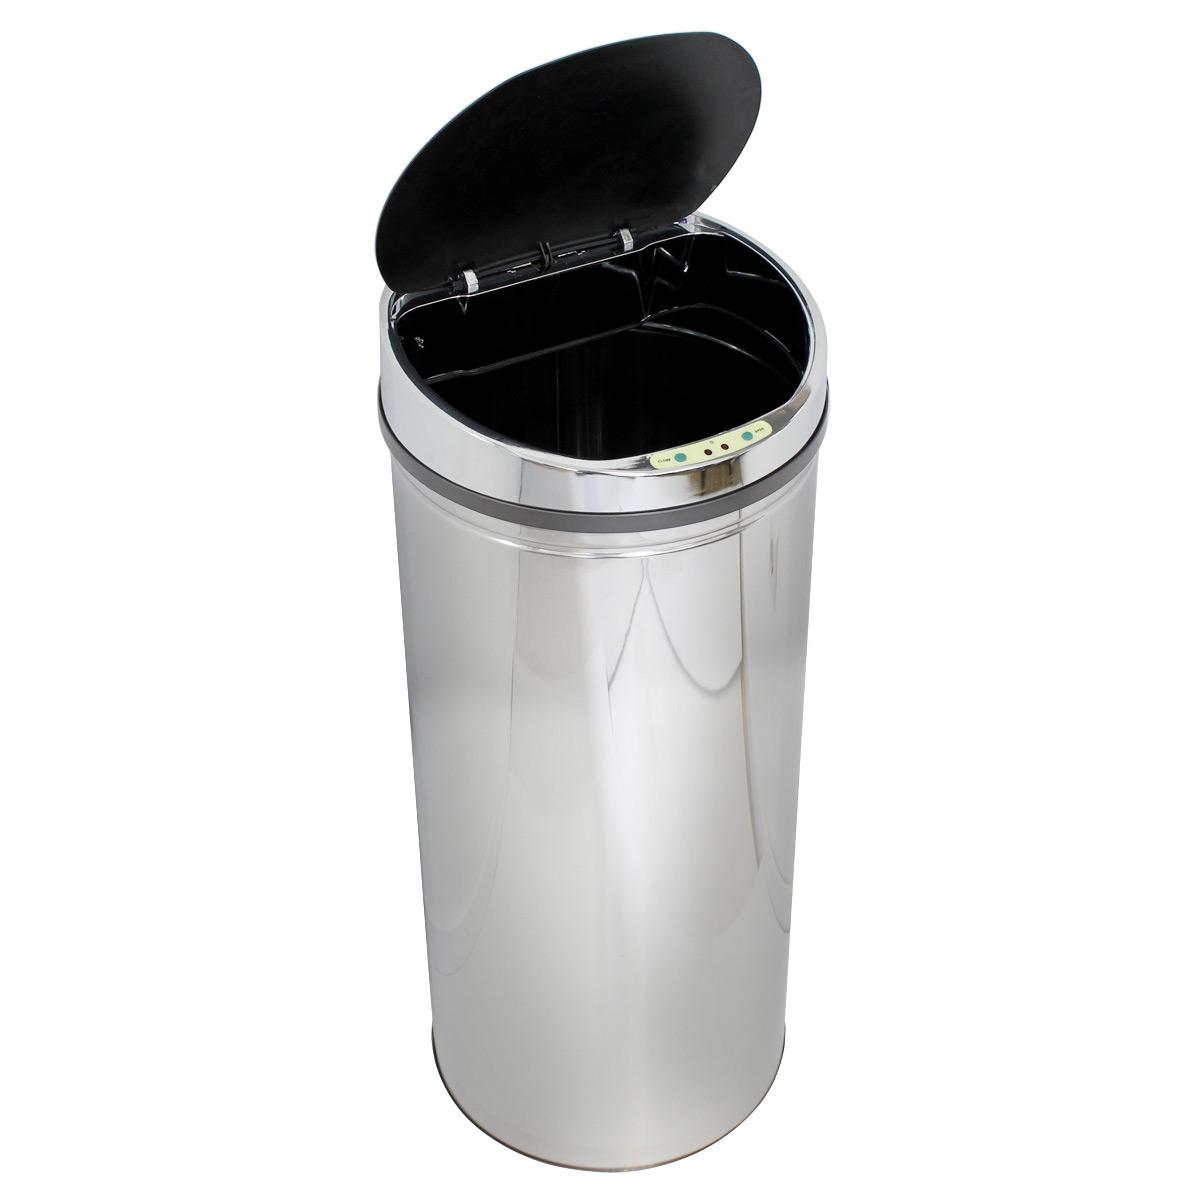 acier inoxydable poubelle automatique capteur corbeille poubelle d tecteur mvt ebay. Black Bedroom Furniture Sets. Home Design Ideas